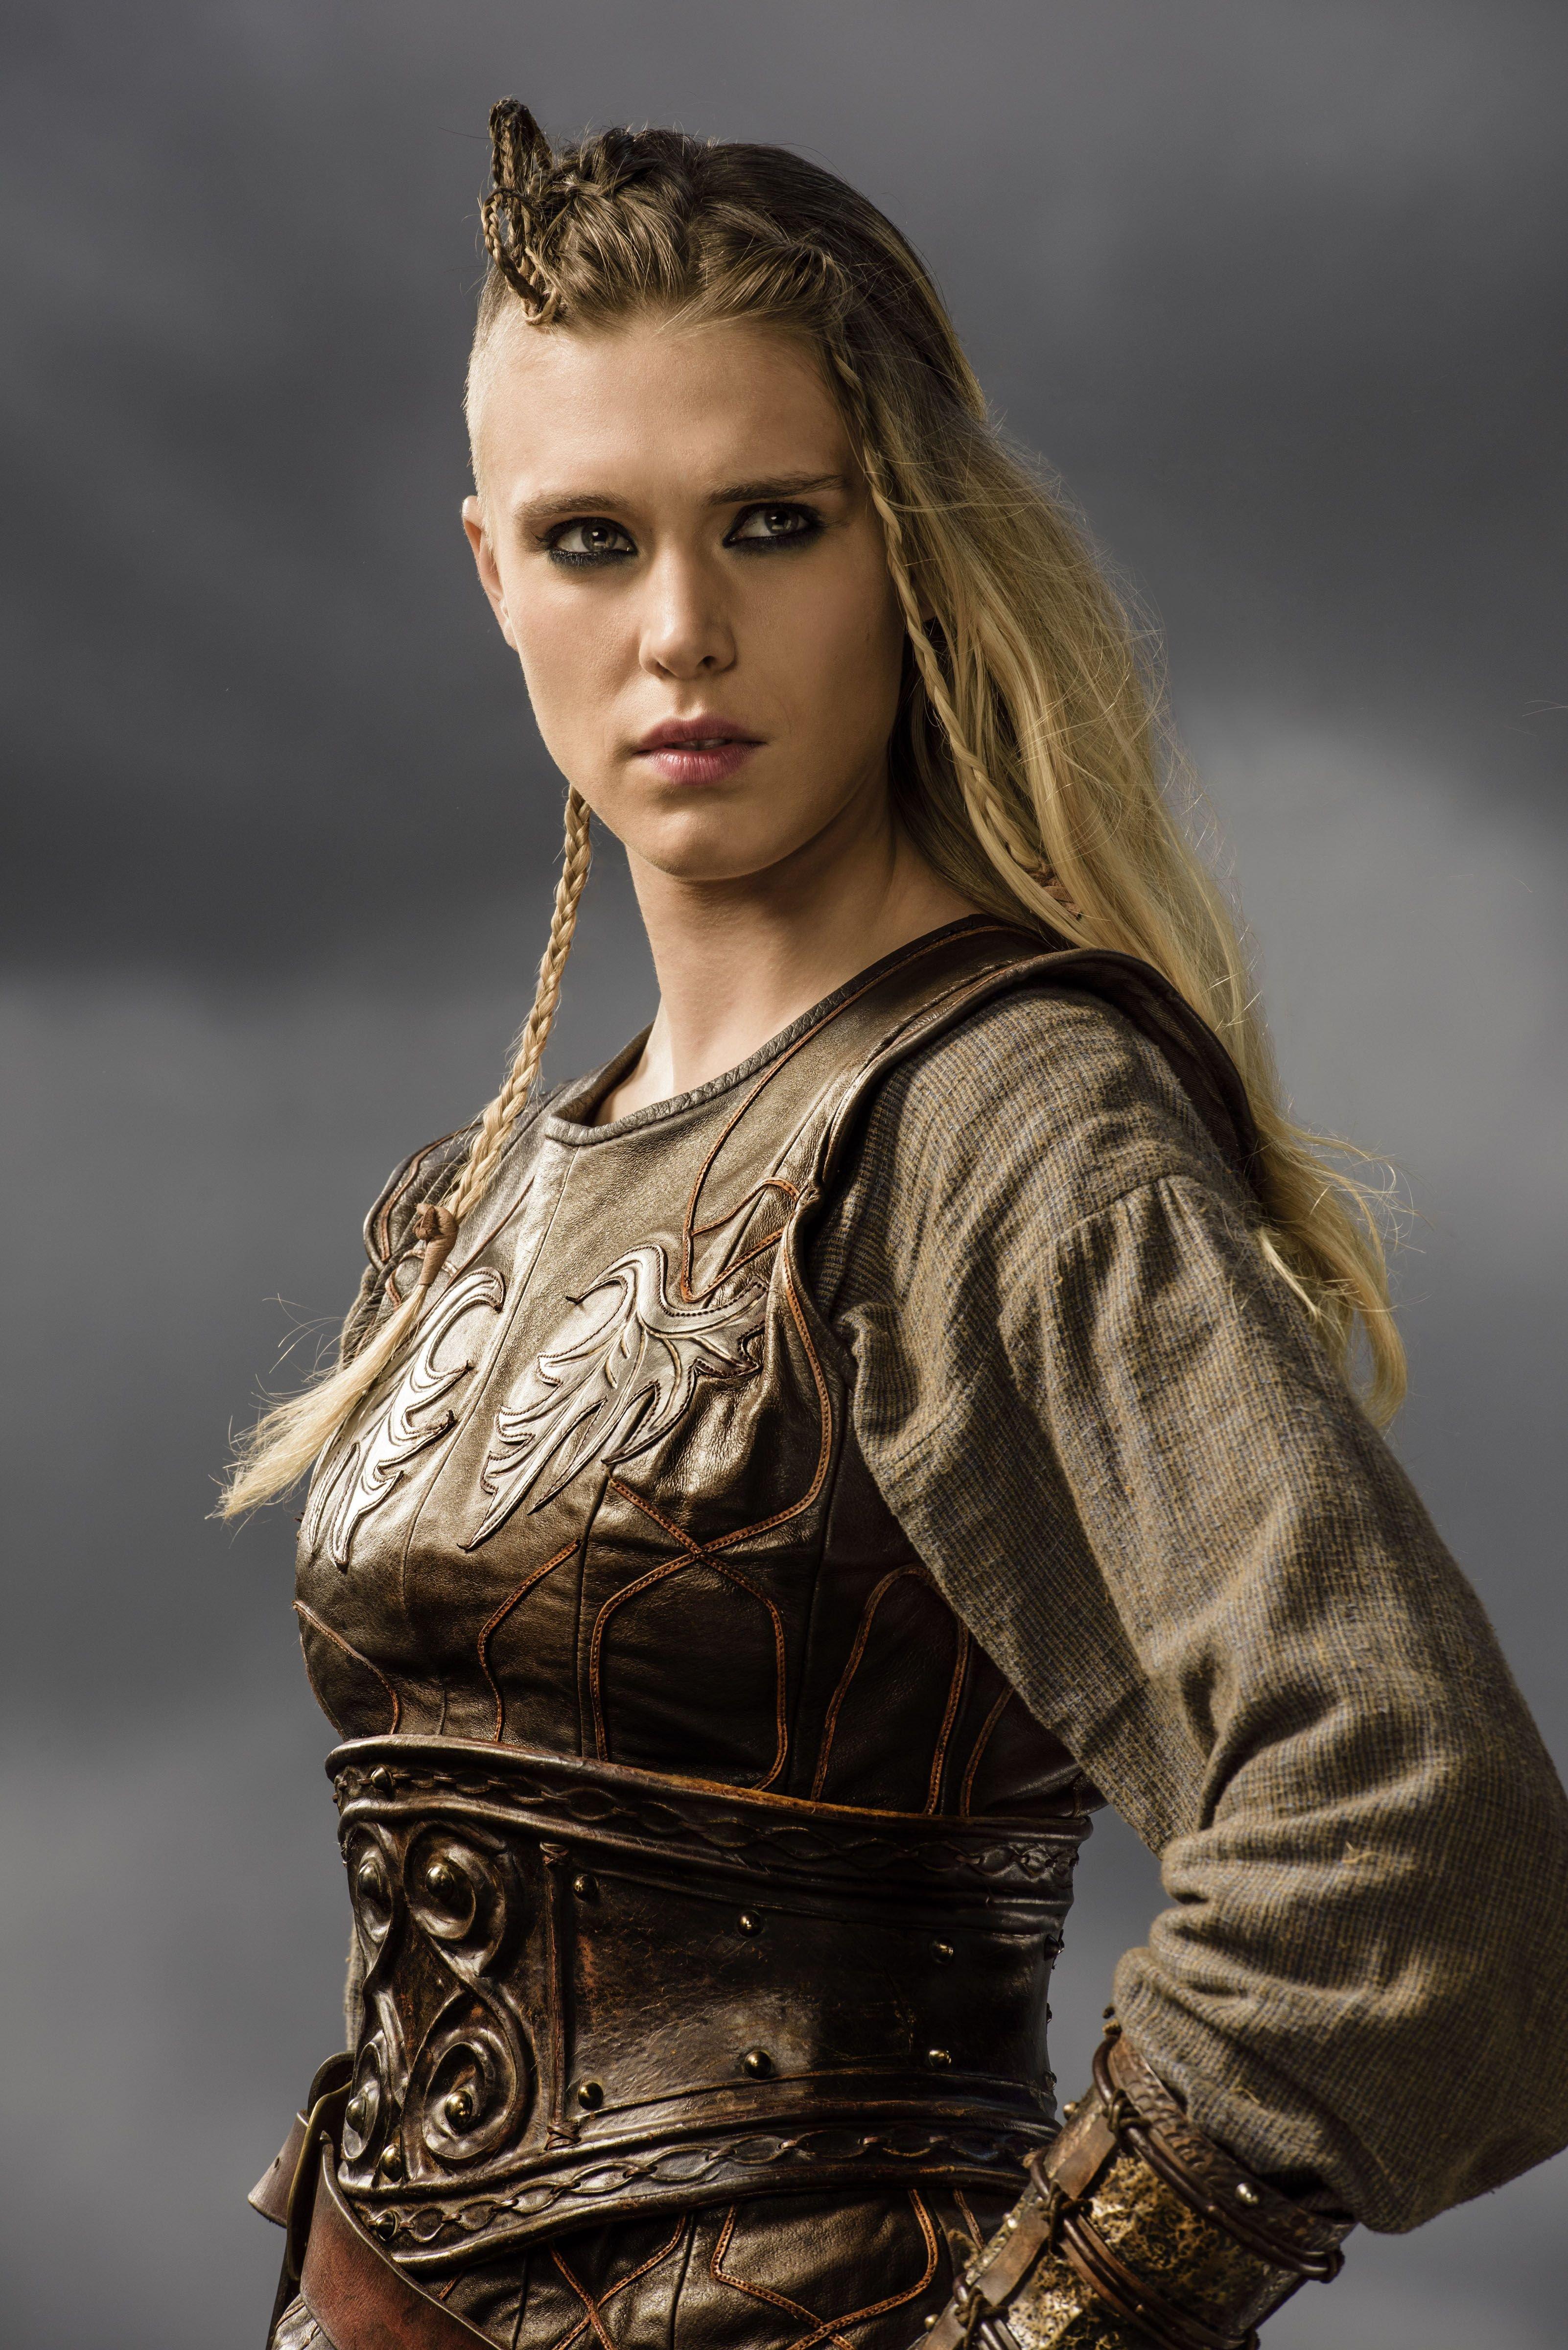 картинки актрис викингов если потрясём наши